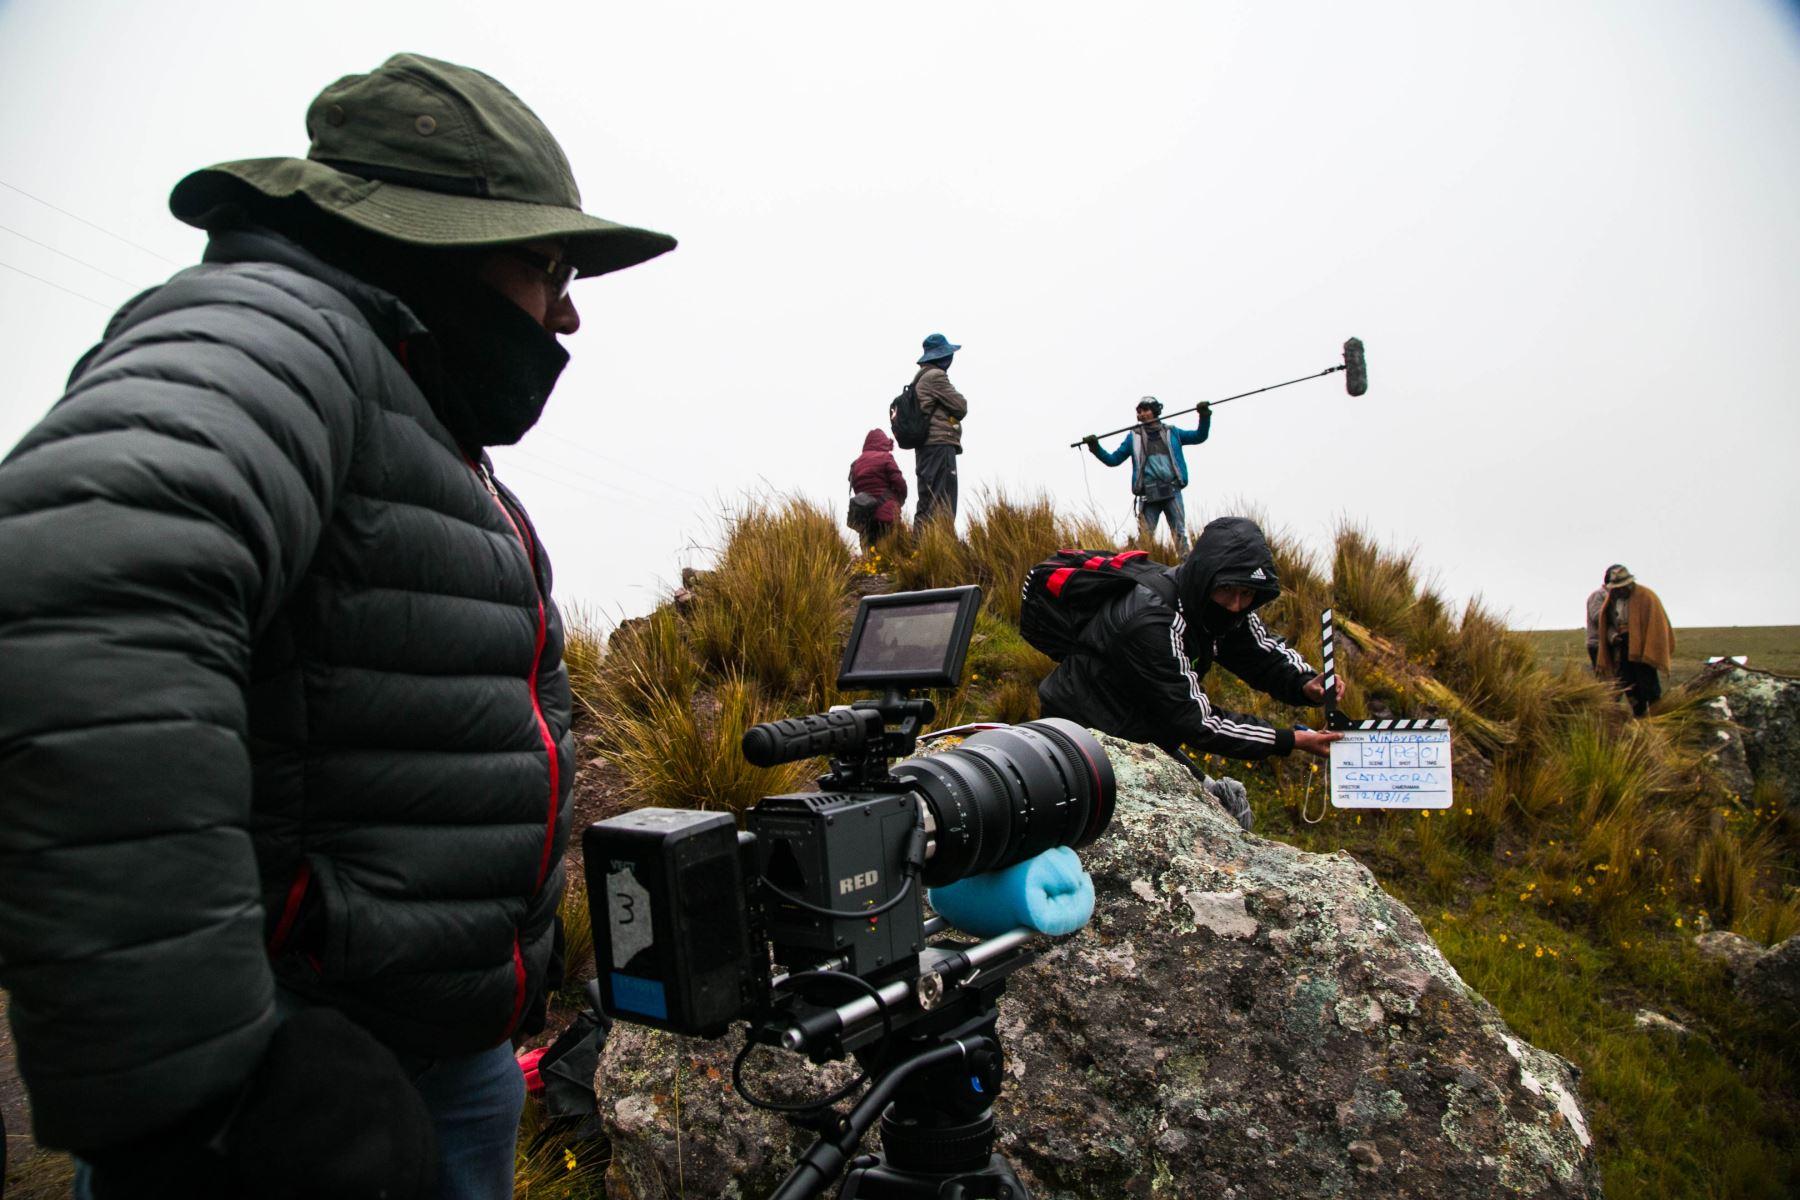 Equipo de grabación durante el rodaje de la película.